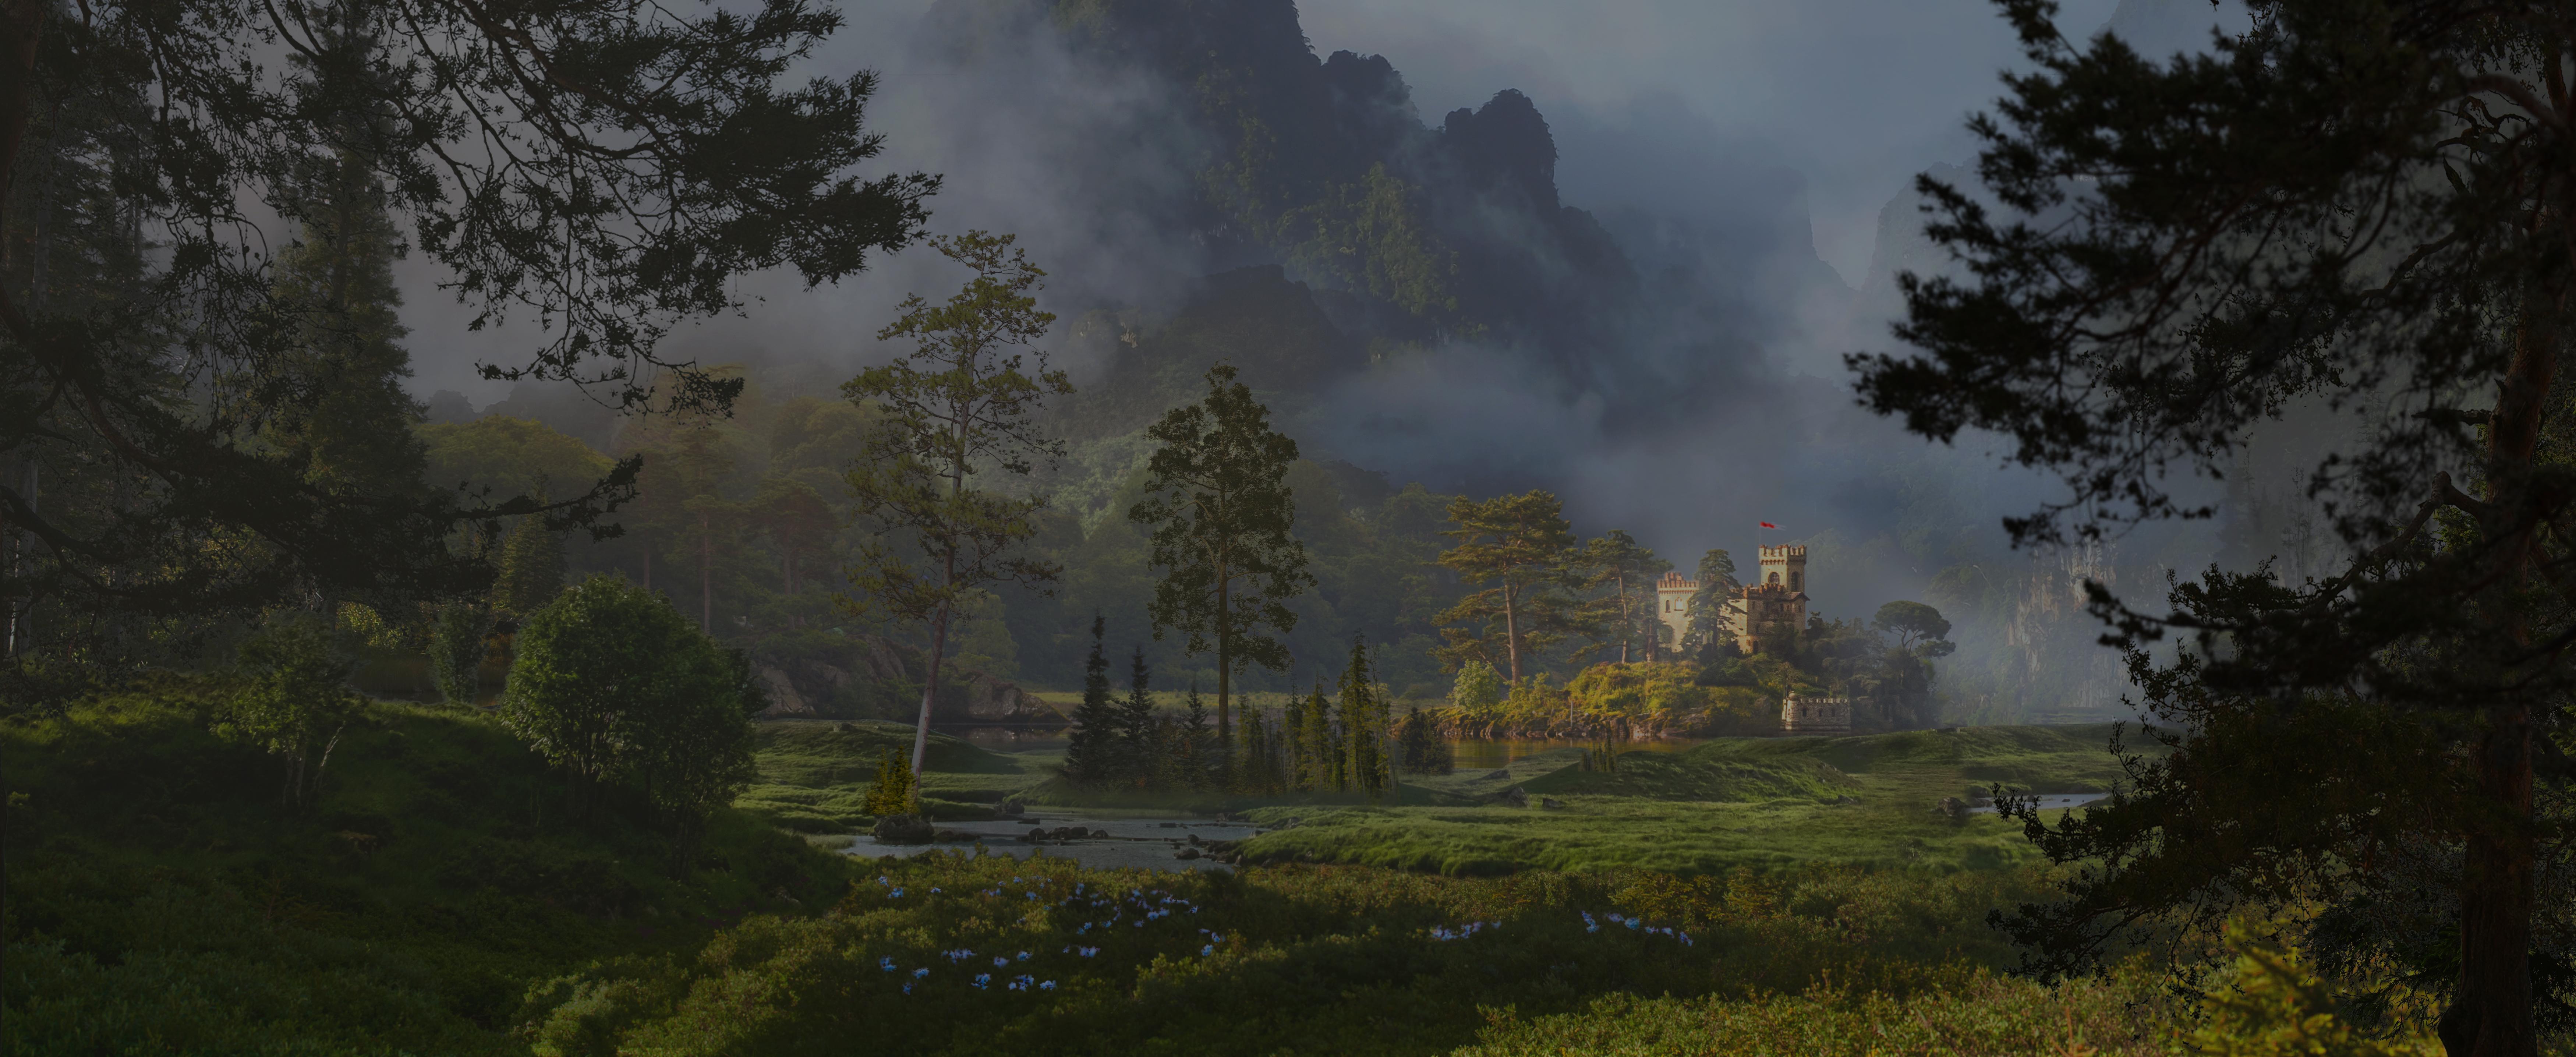 Castle lake view